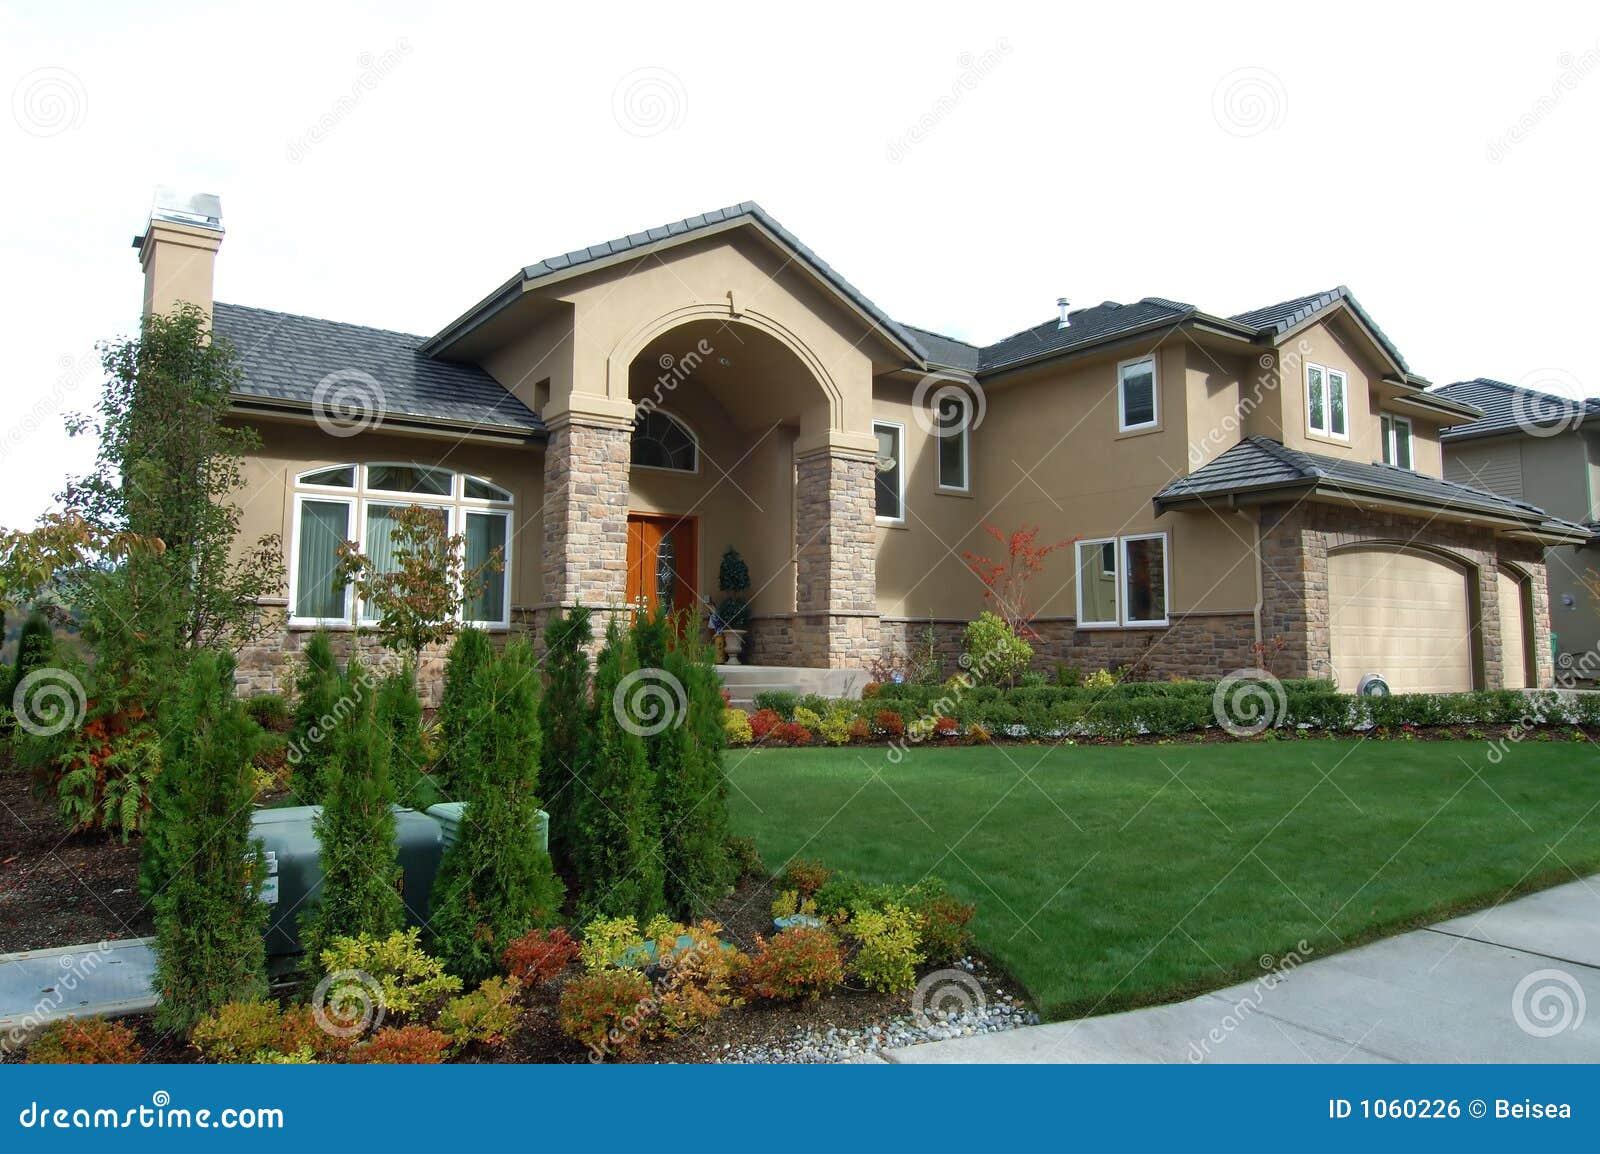 Chambre am ricaine de luxe no 2 image libre de droits for Chambre de commerce algero americaine